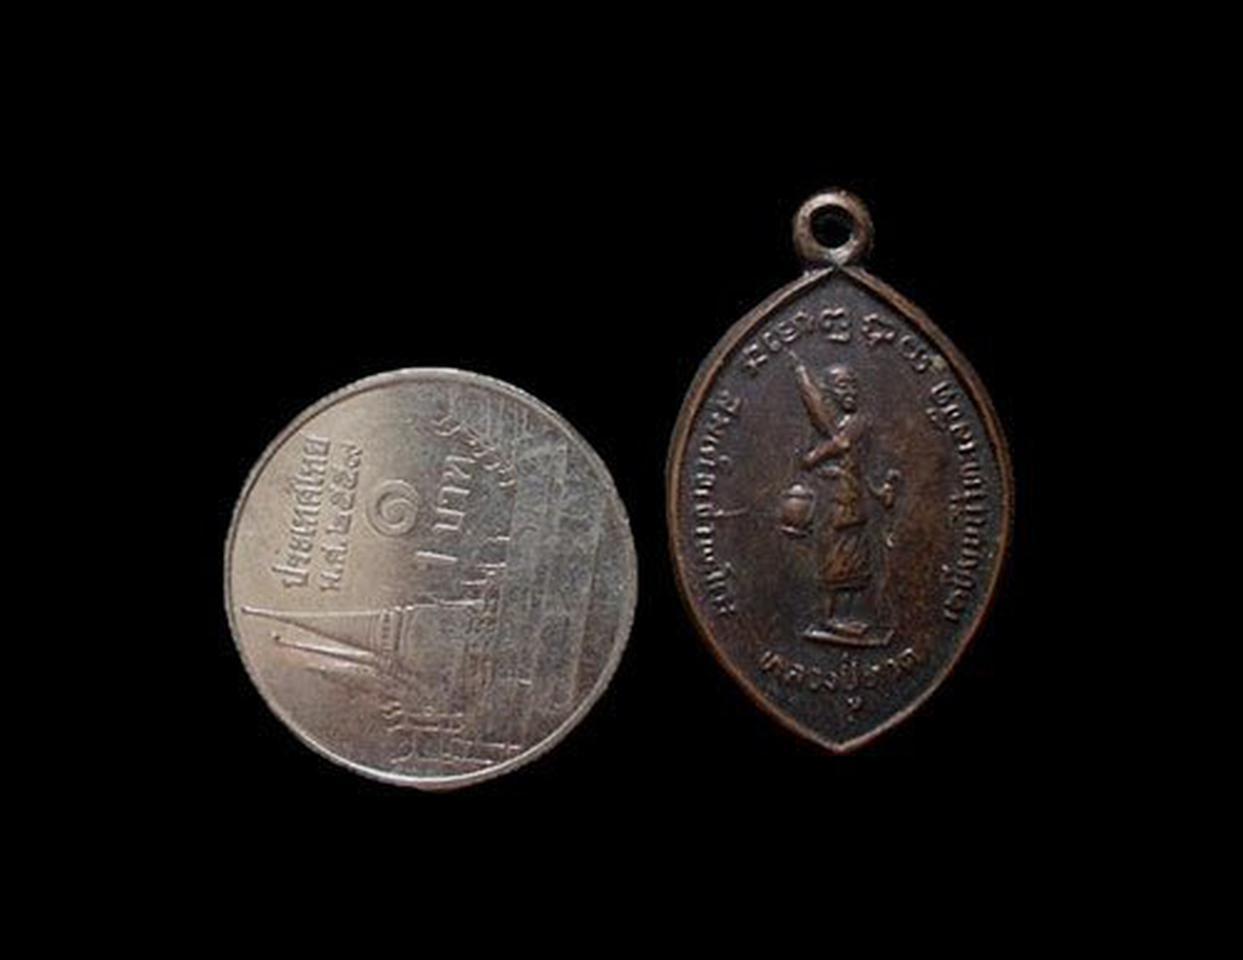 เหรียญหลวงปู่ทวดธุดงค์ วัดพะโคะ สงขลา รูปที่ 2